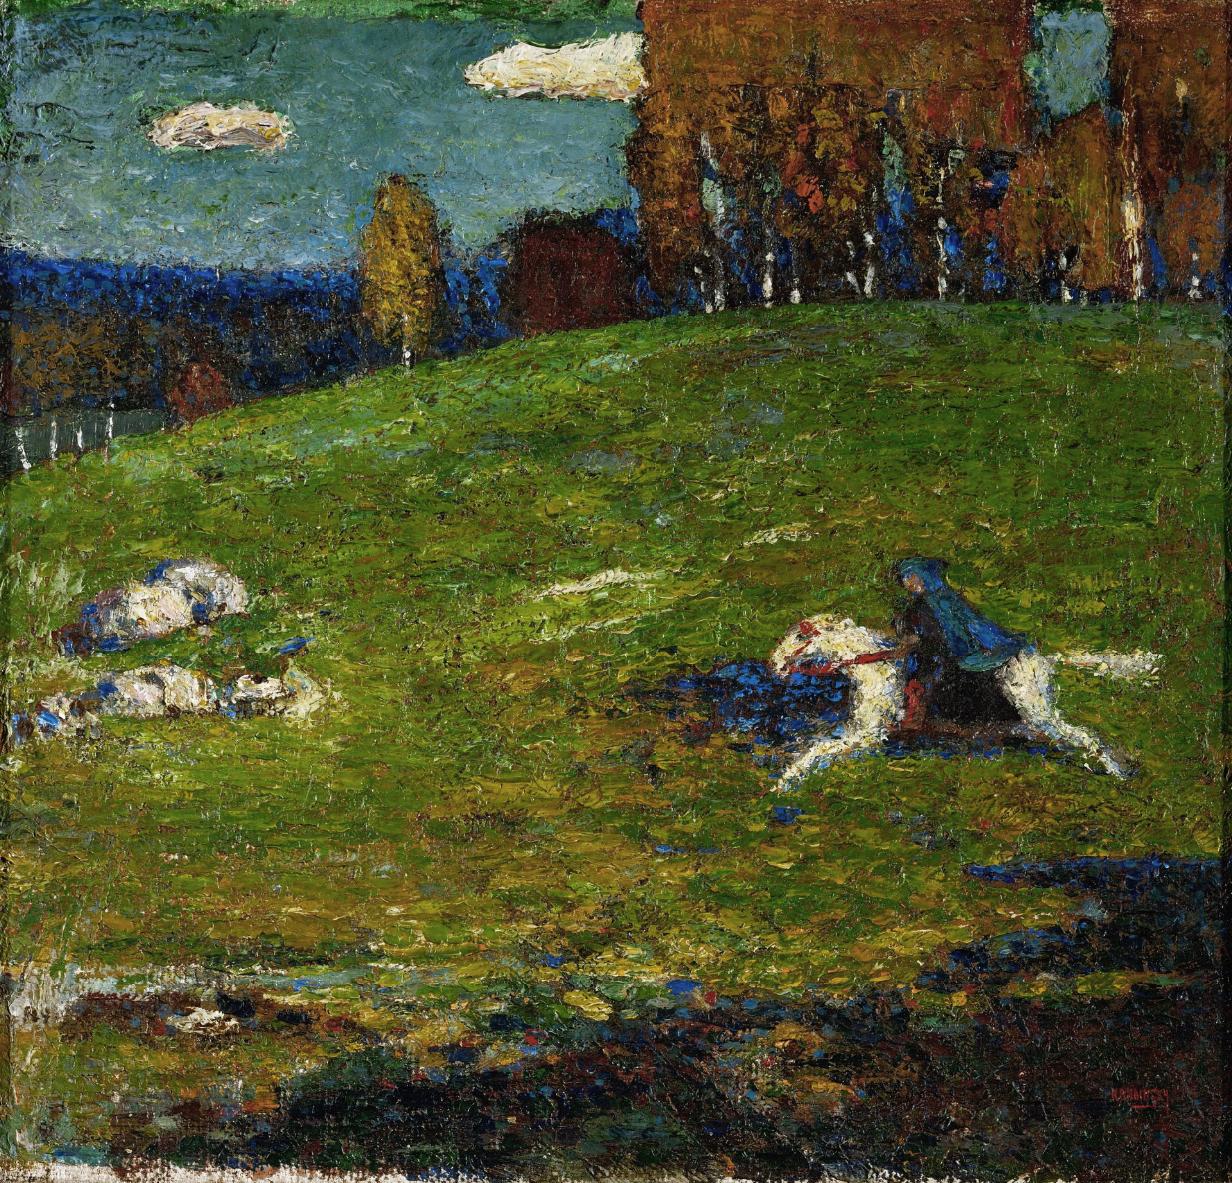 Kandinsky - Der Blaue Reiter [The Blue Rider] (1903)